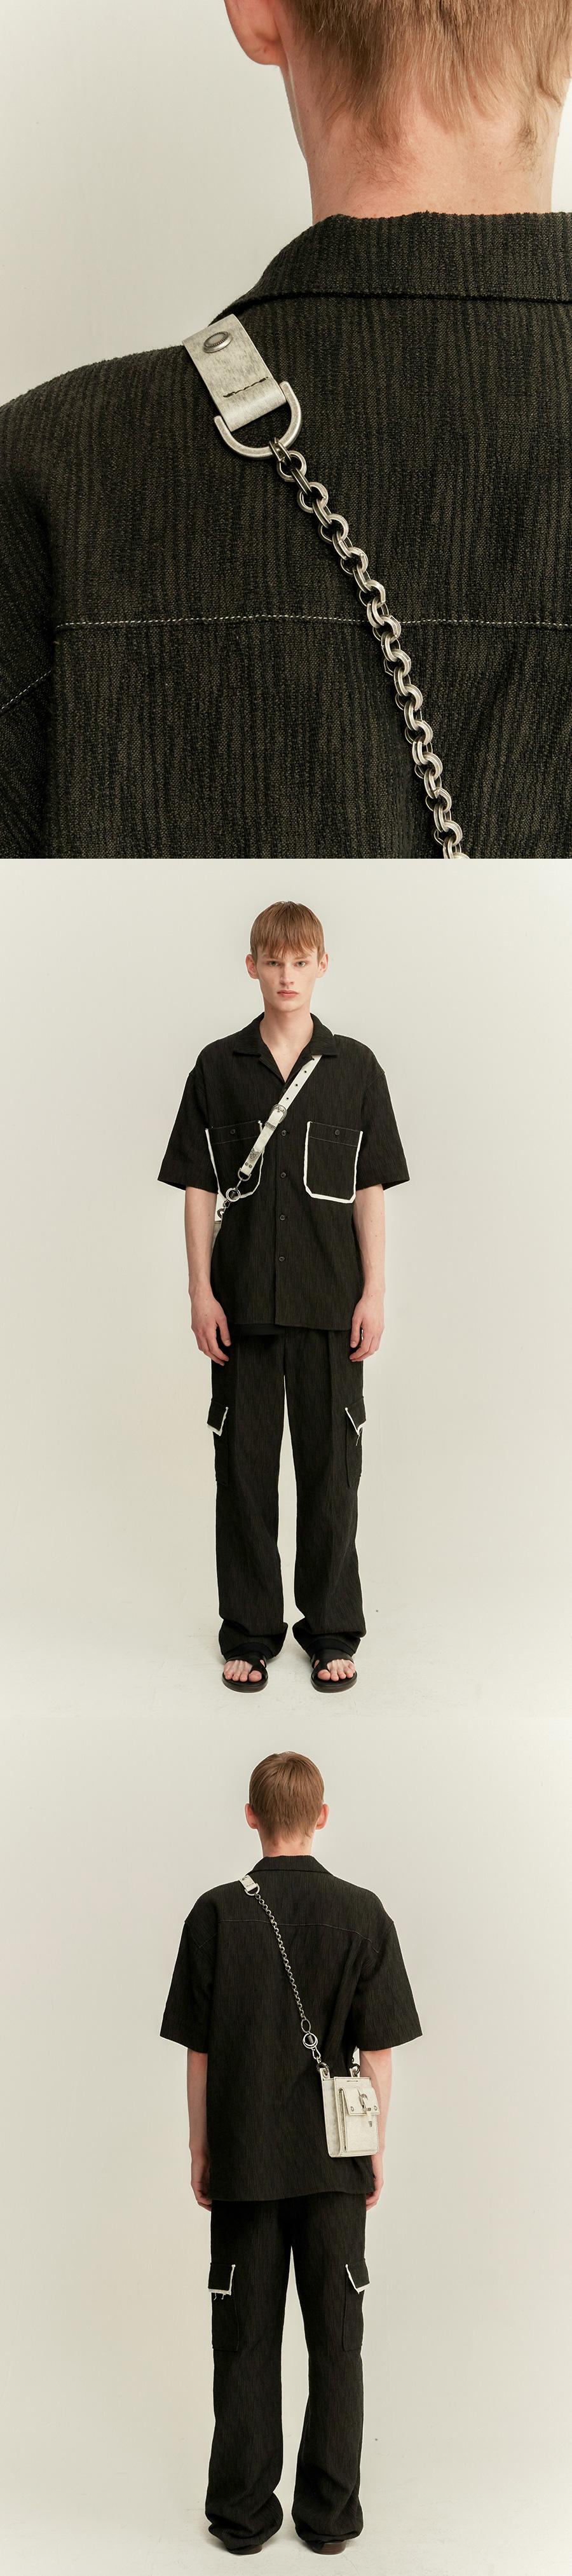 앤더슨벨(ANDERSSON BELL) 조니 오픈칼라 셔츠 atb501m(KHAKI/BLACK)